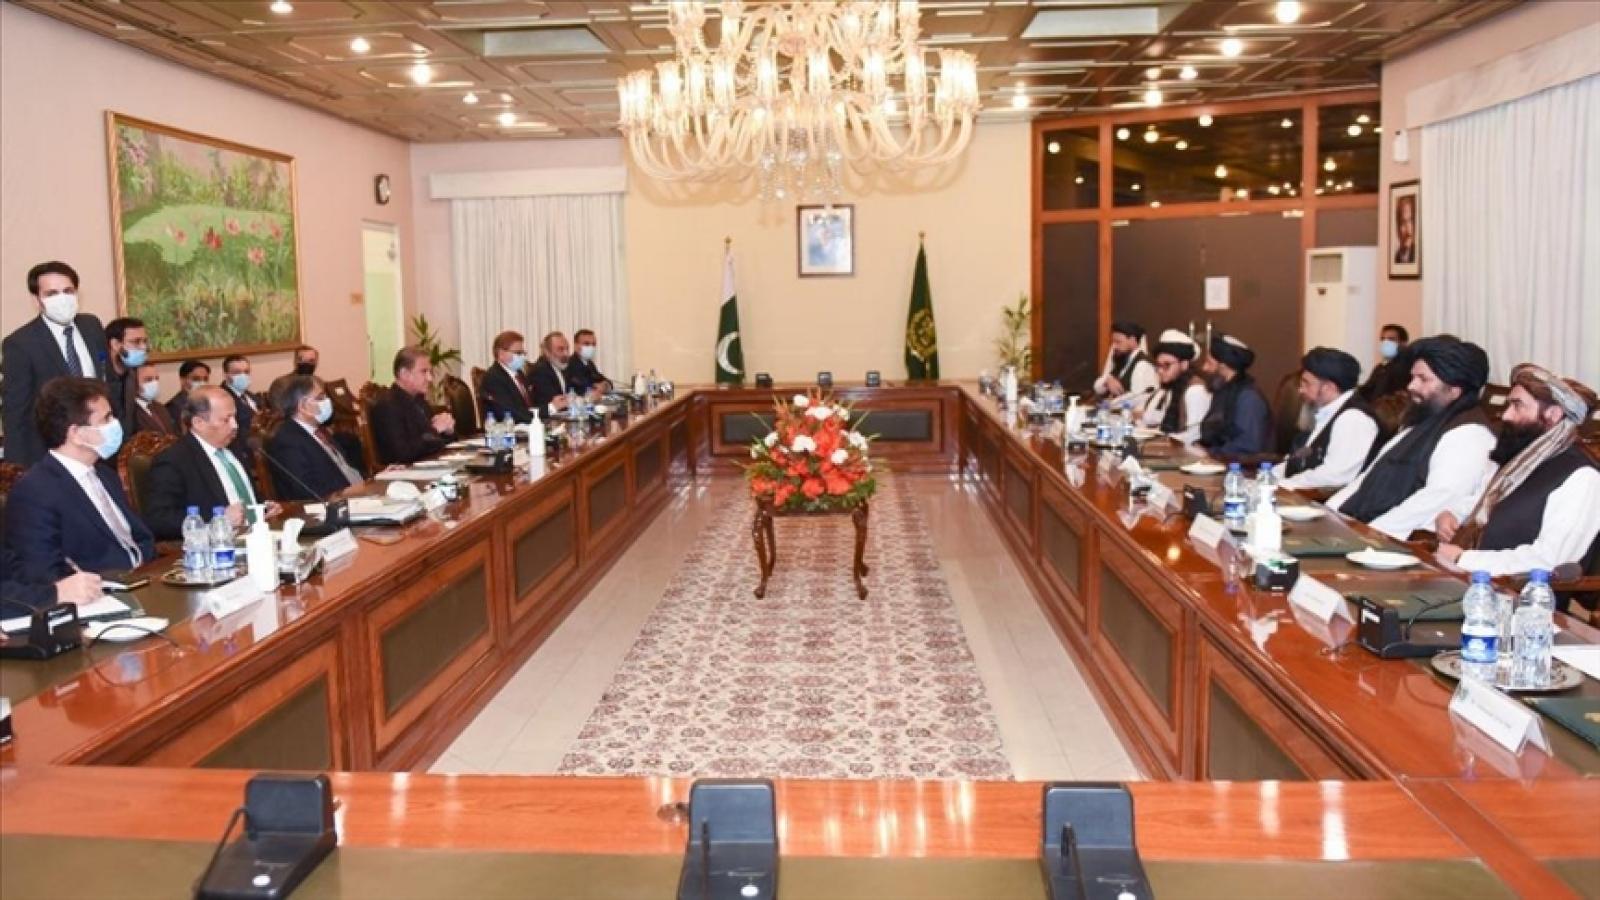 Afghanistan yêu cầu Pakistan không chứa chấp Taliban